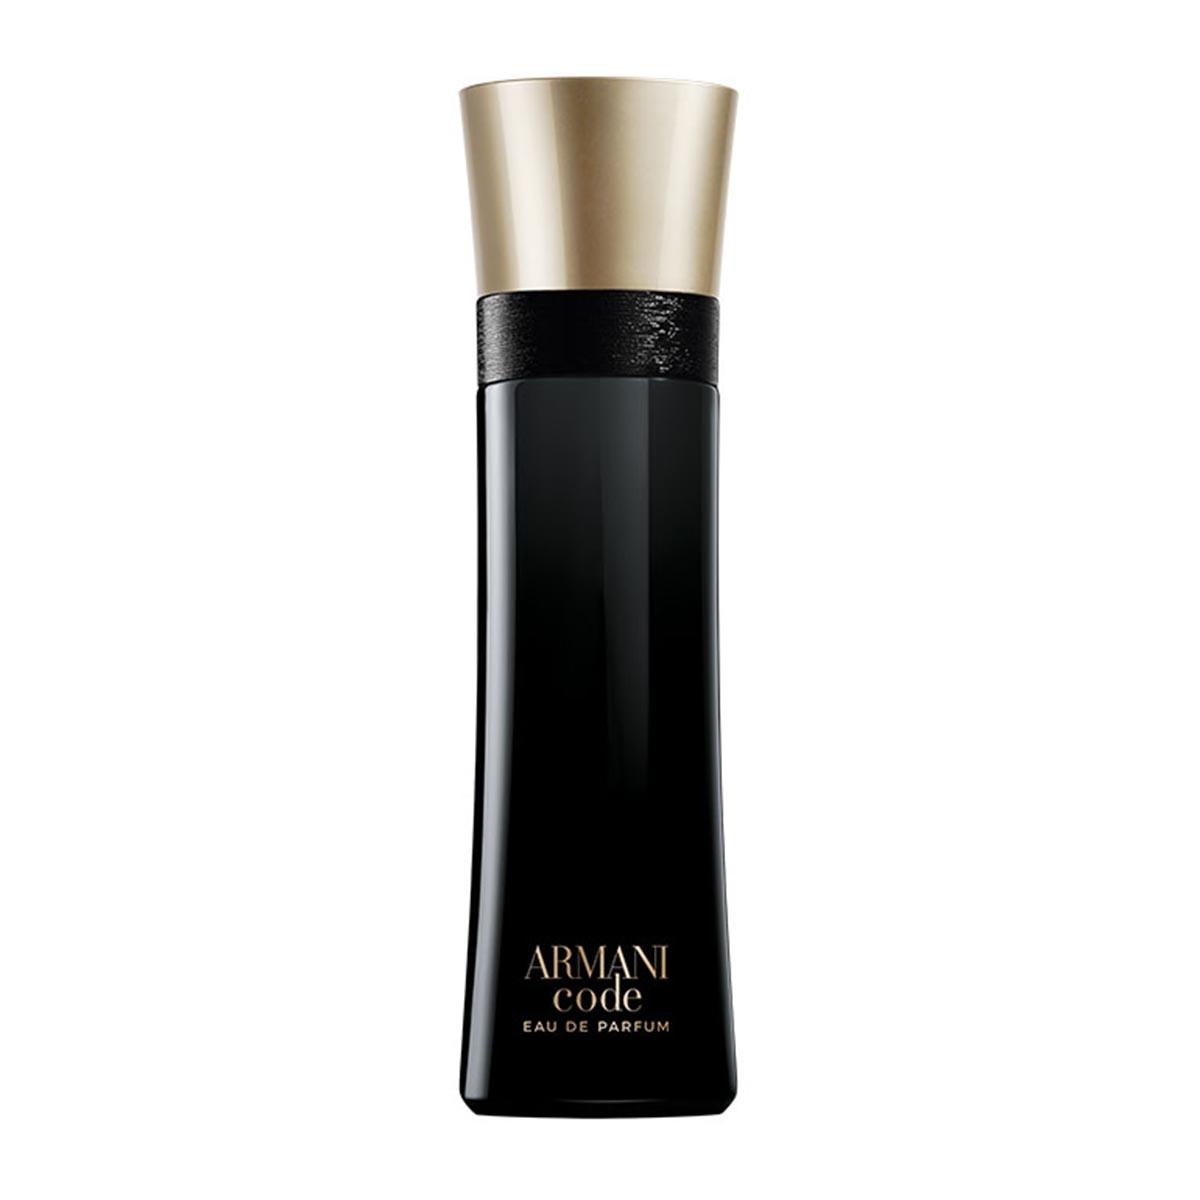 Giorgio armani code hombre eau de perfum 1un vaporizador